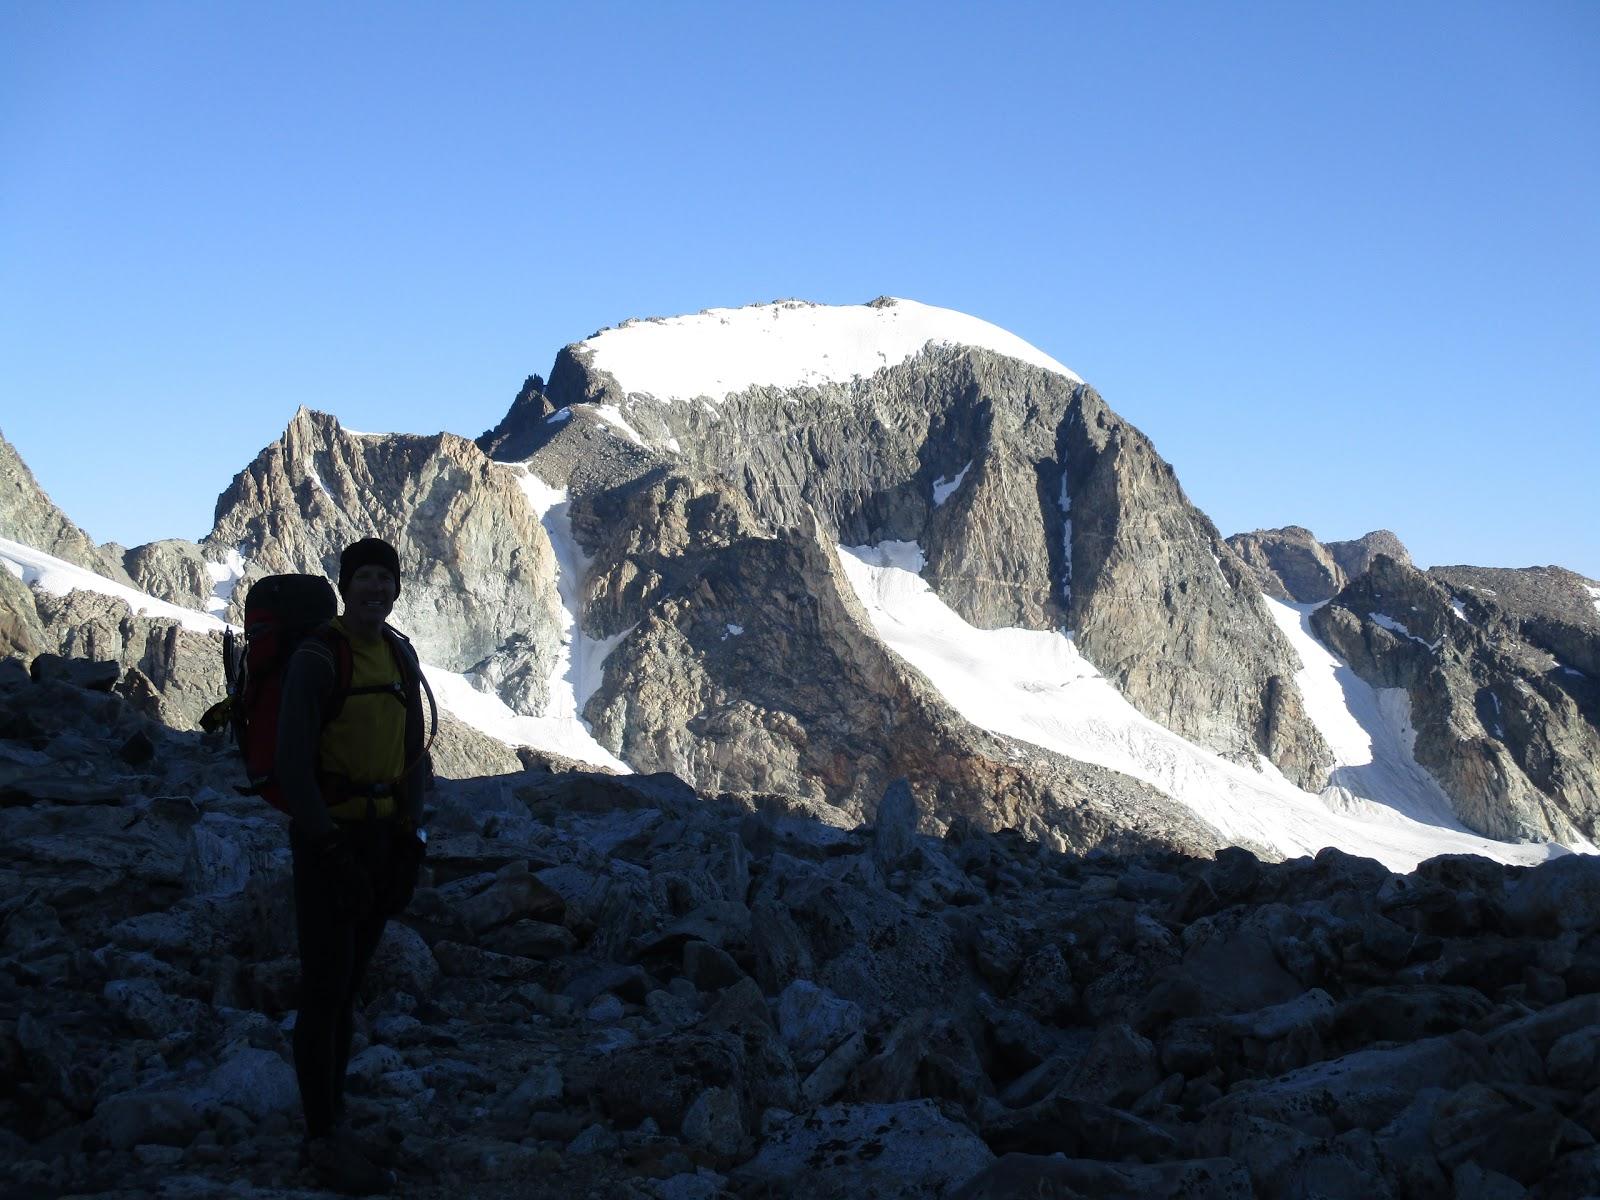 Gannett Peak Bergschrund